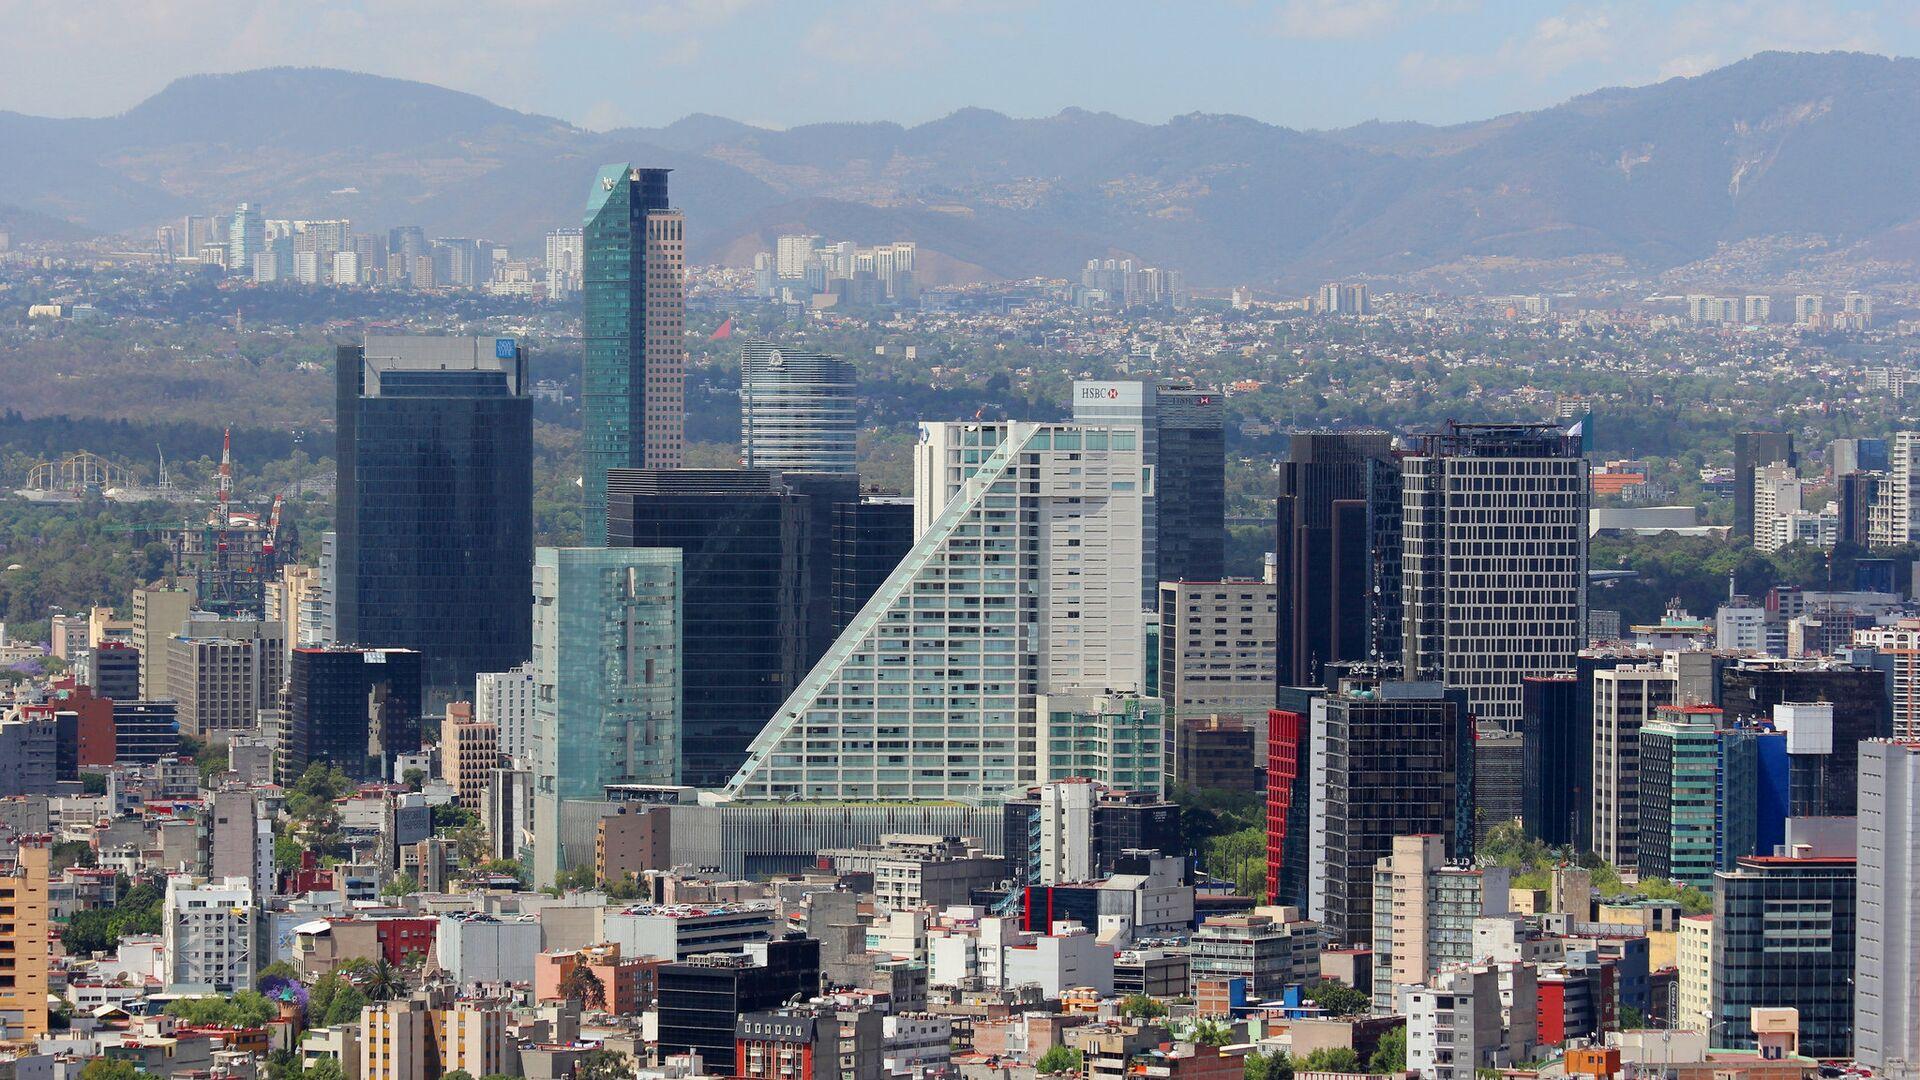 Ciudad de México - Sputnik Mundo, 1920, 01.12.2020